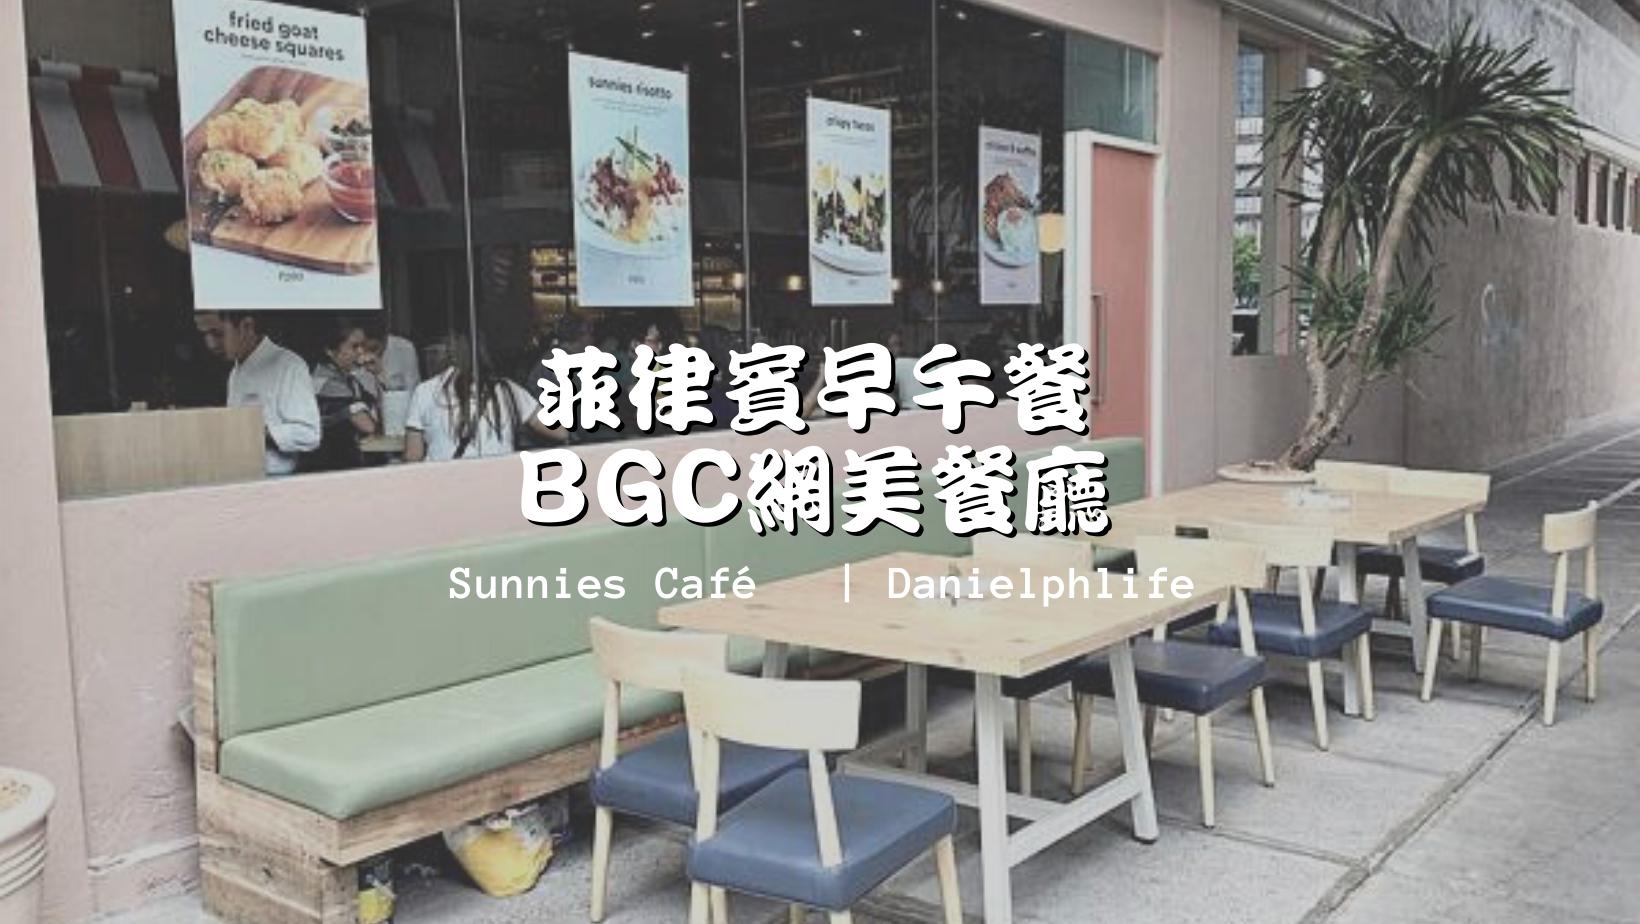 Sunnies Café